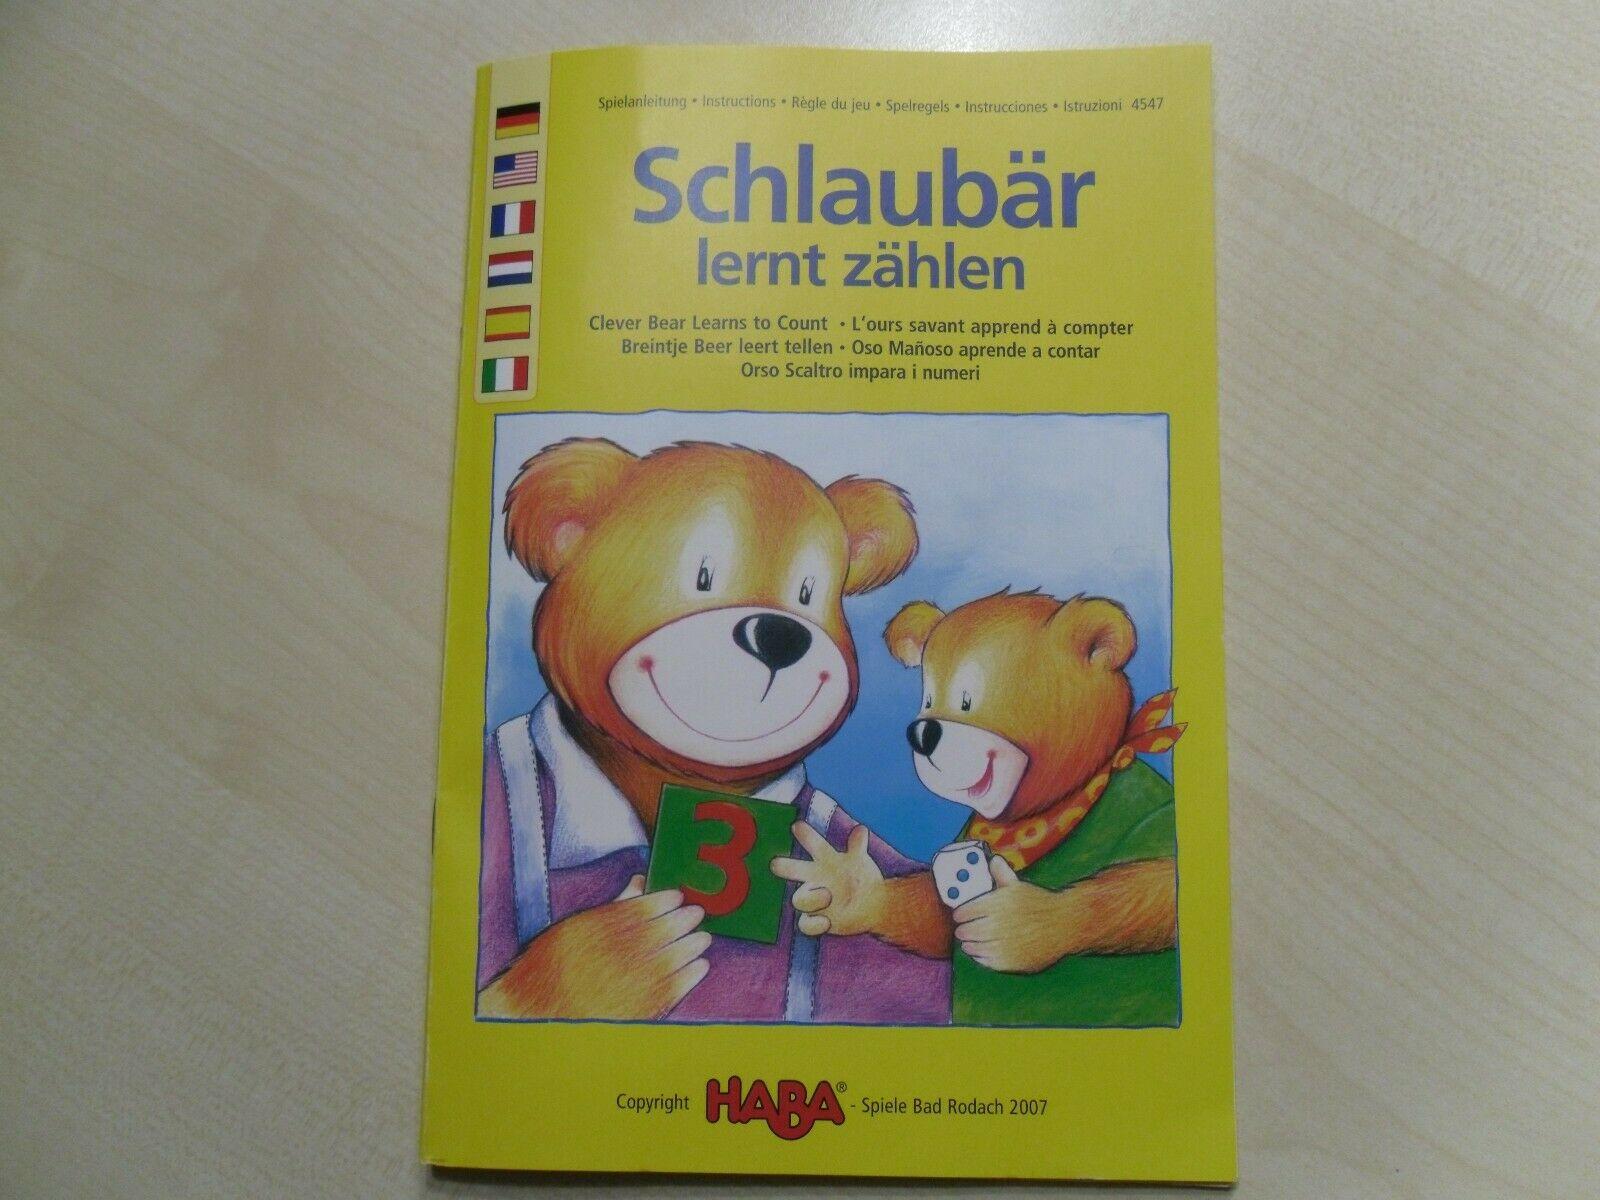 Spiel Haba Schlaubär Lernt Zählen 4547 pour Ours Savant